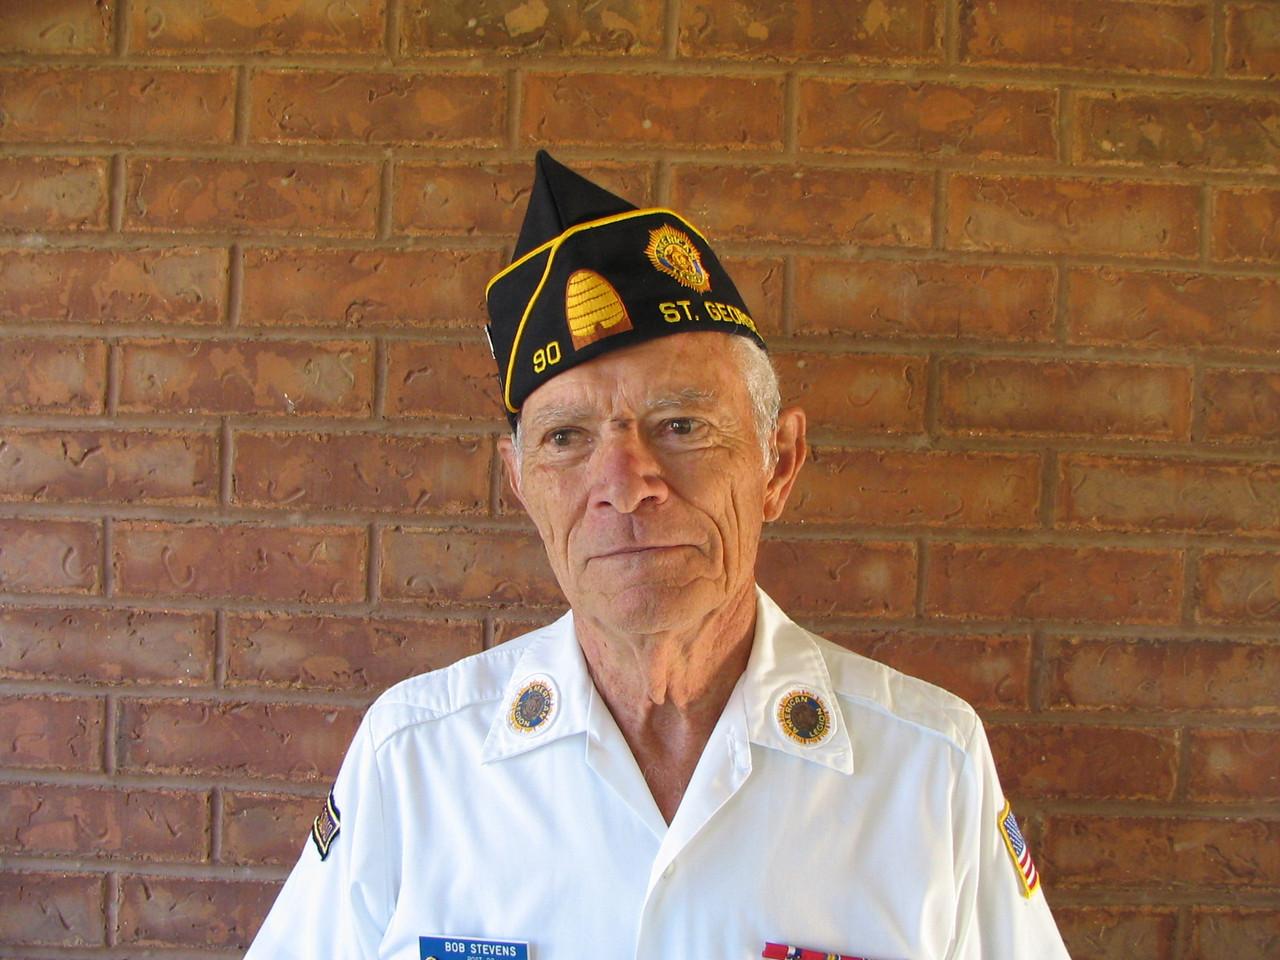 Bob Stevens, 1st Vice Com.06